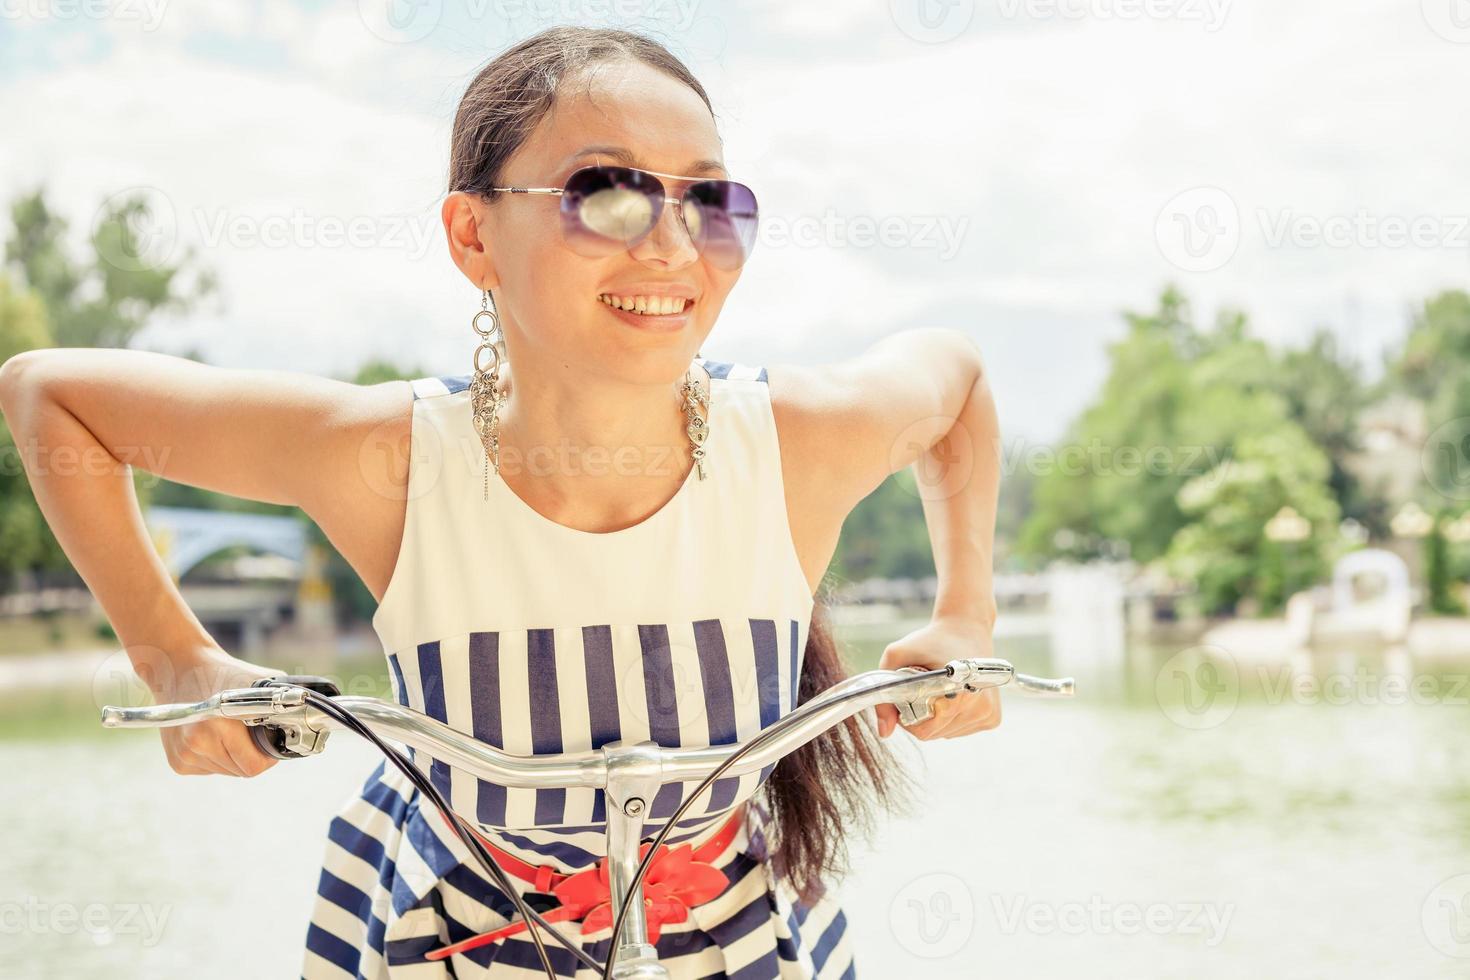 glädje och njutning asiatisk kvinna reser till Paris med cykel foto